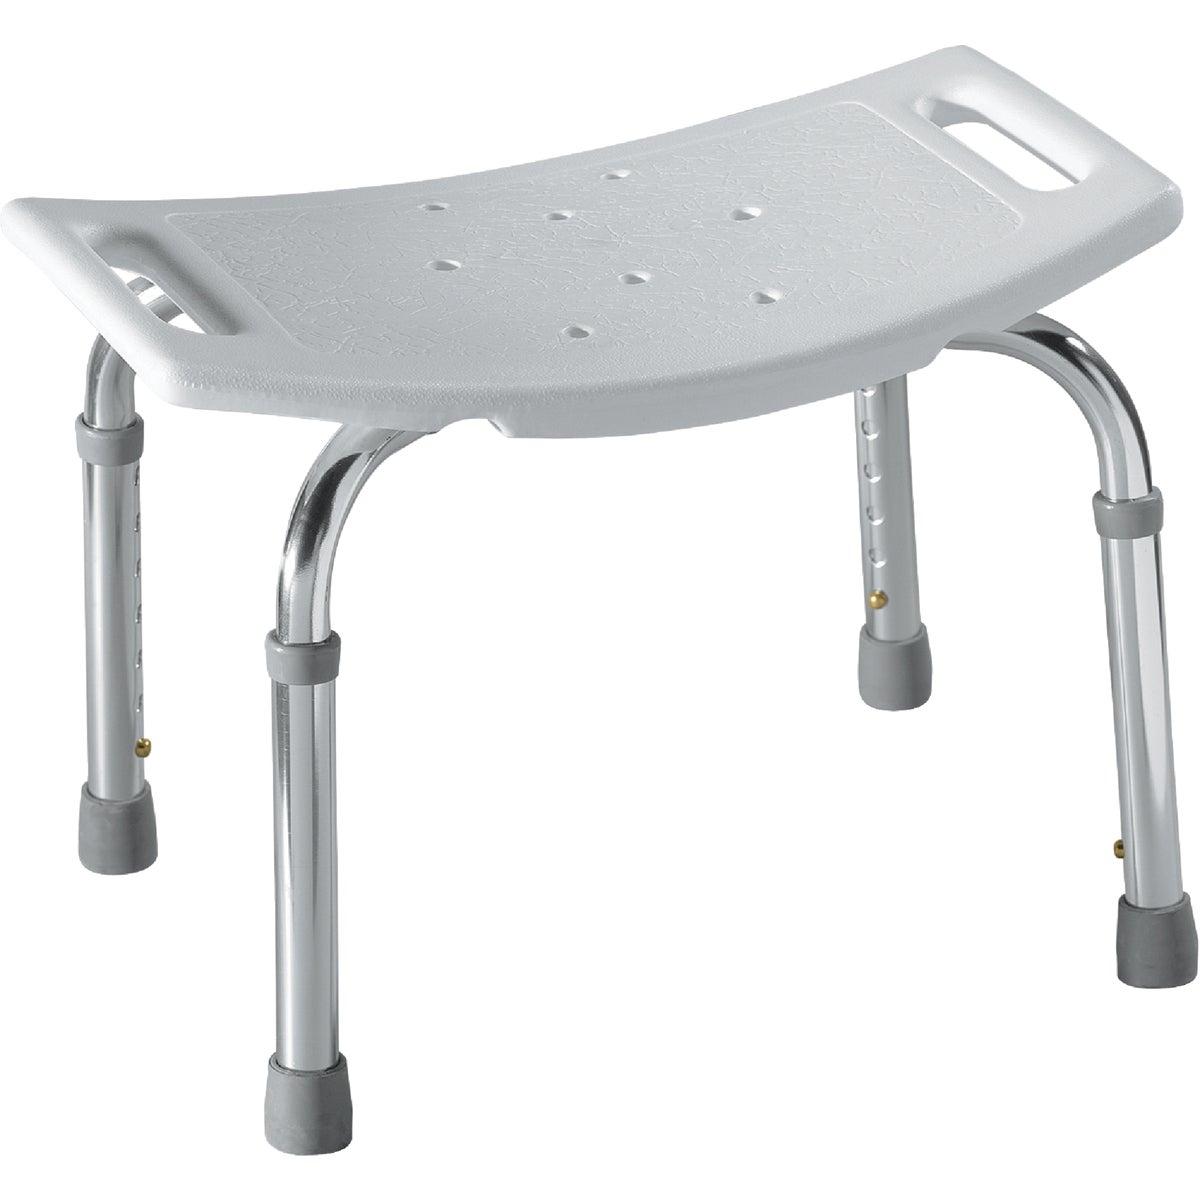 Adjustable Shower Seat